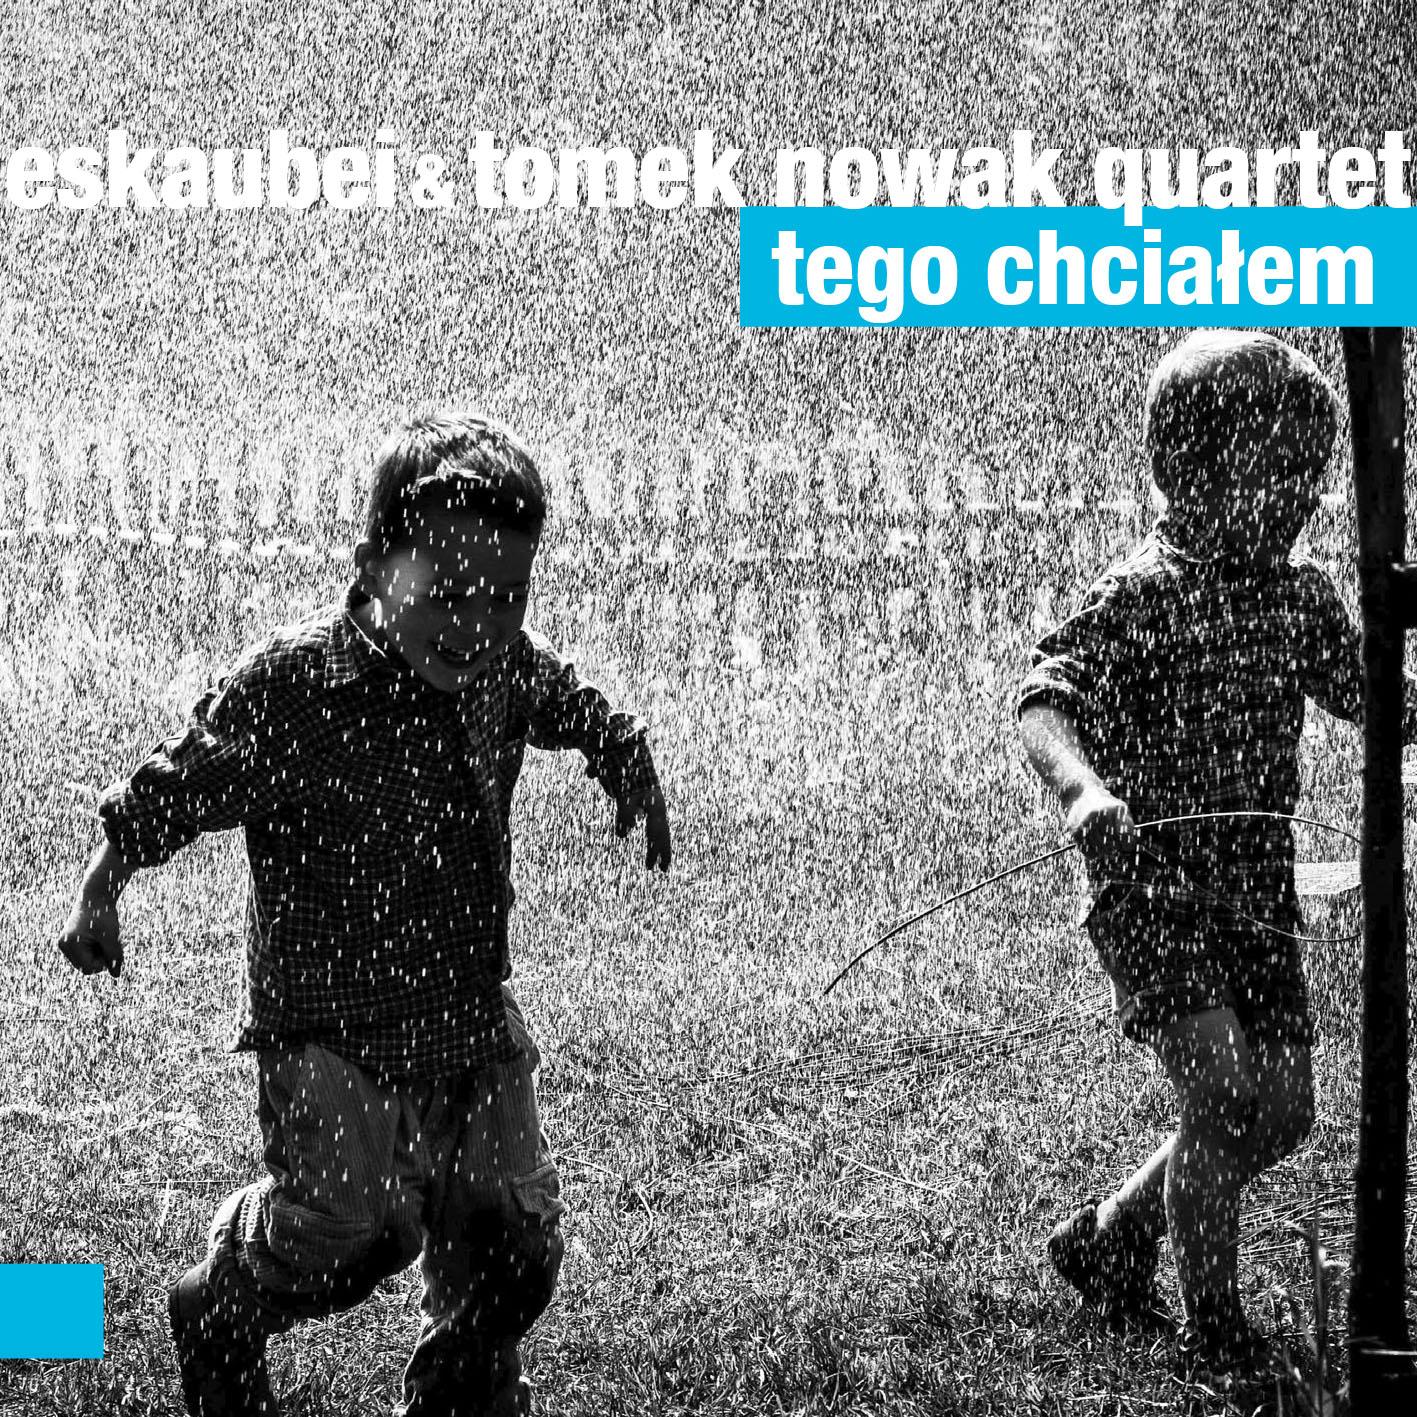 eskaubei-i-tomek-nowak-quartet-tego-chcialem-cover